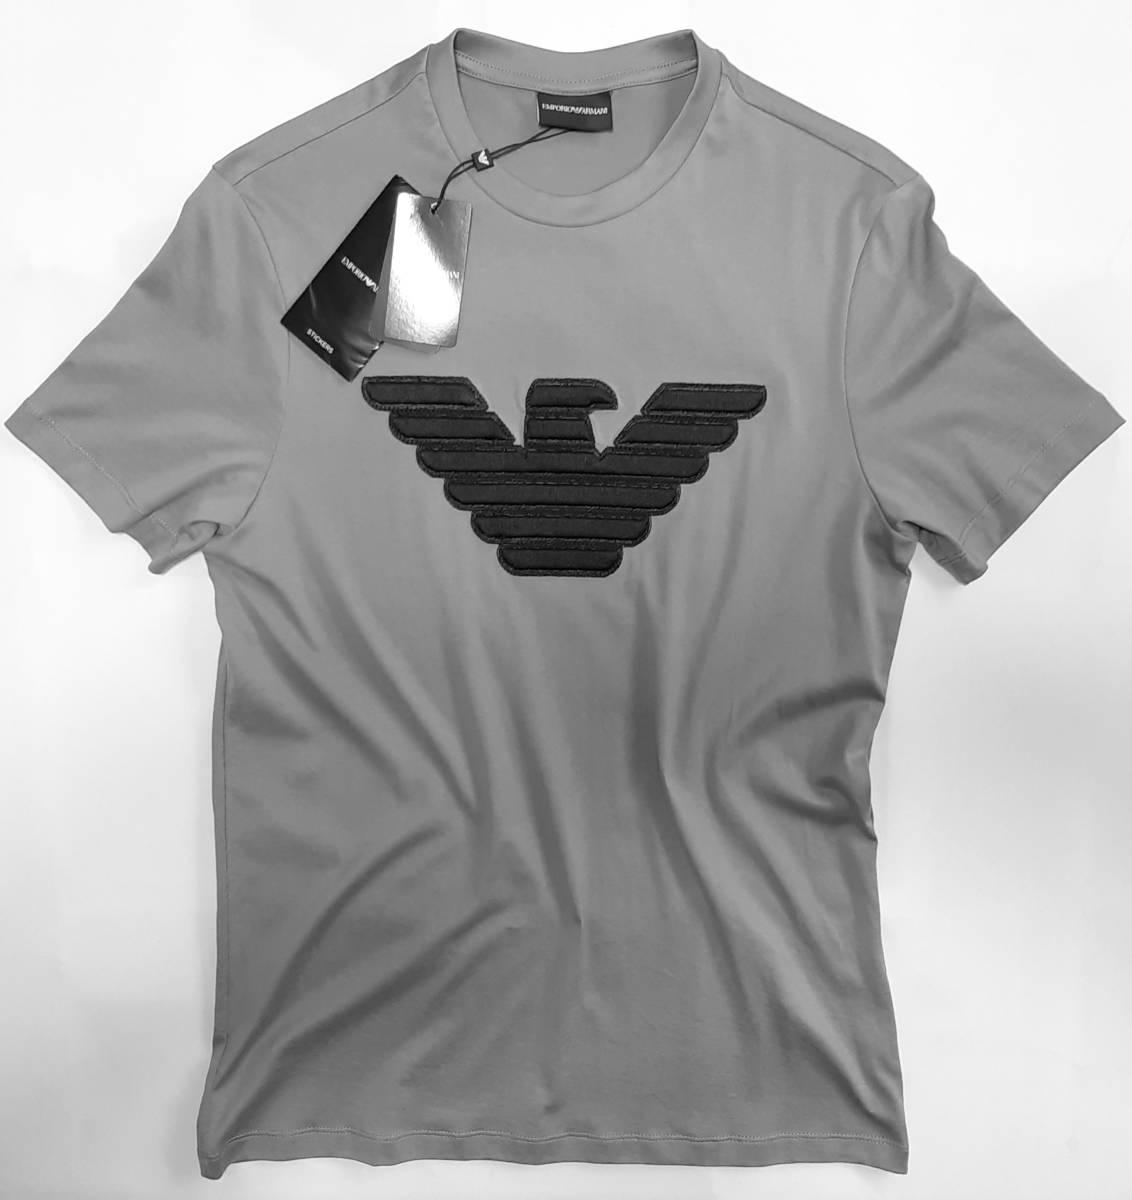 [新品] EMPORIO ARMANI 立体ビッグイーグルの刺繍ロゴ入り【メンズ・半袖Tシャツ】◆202